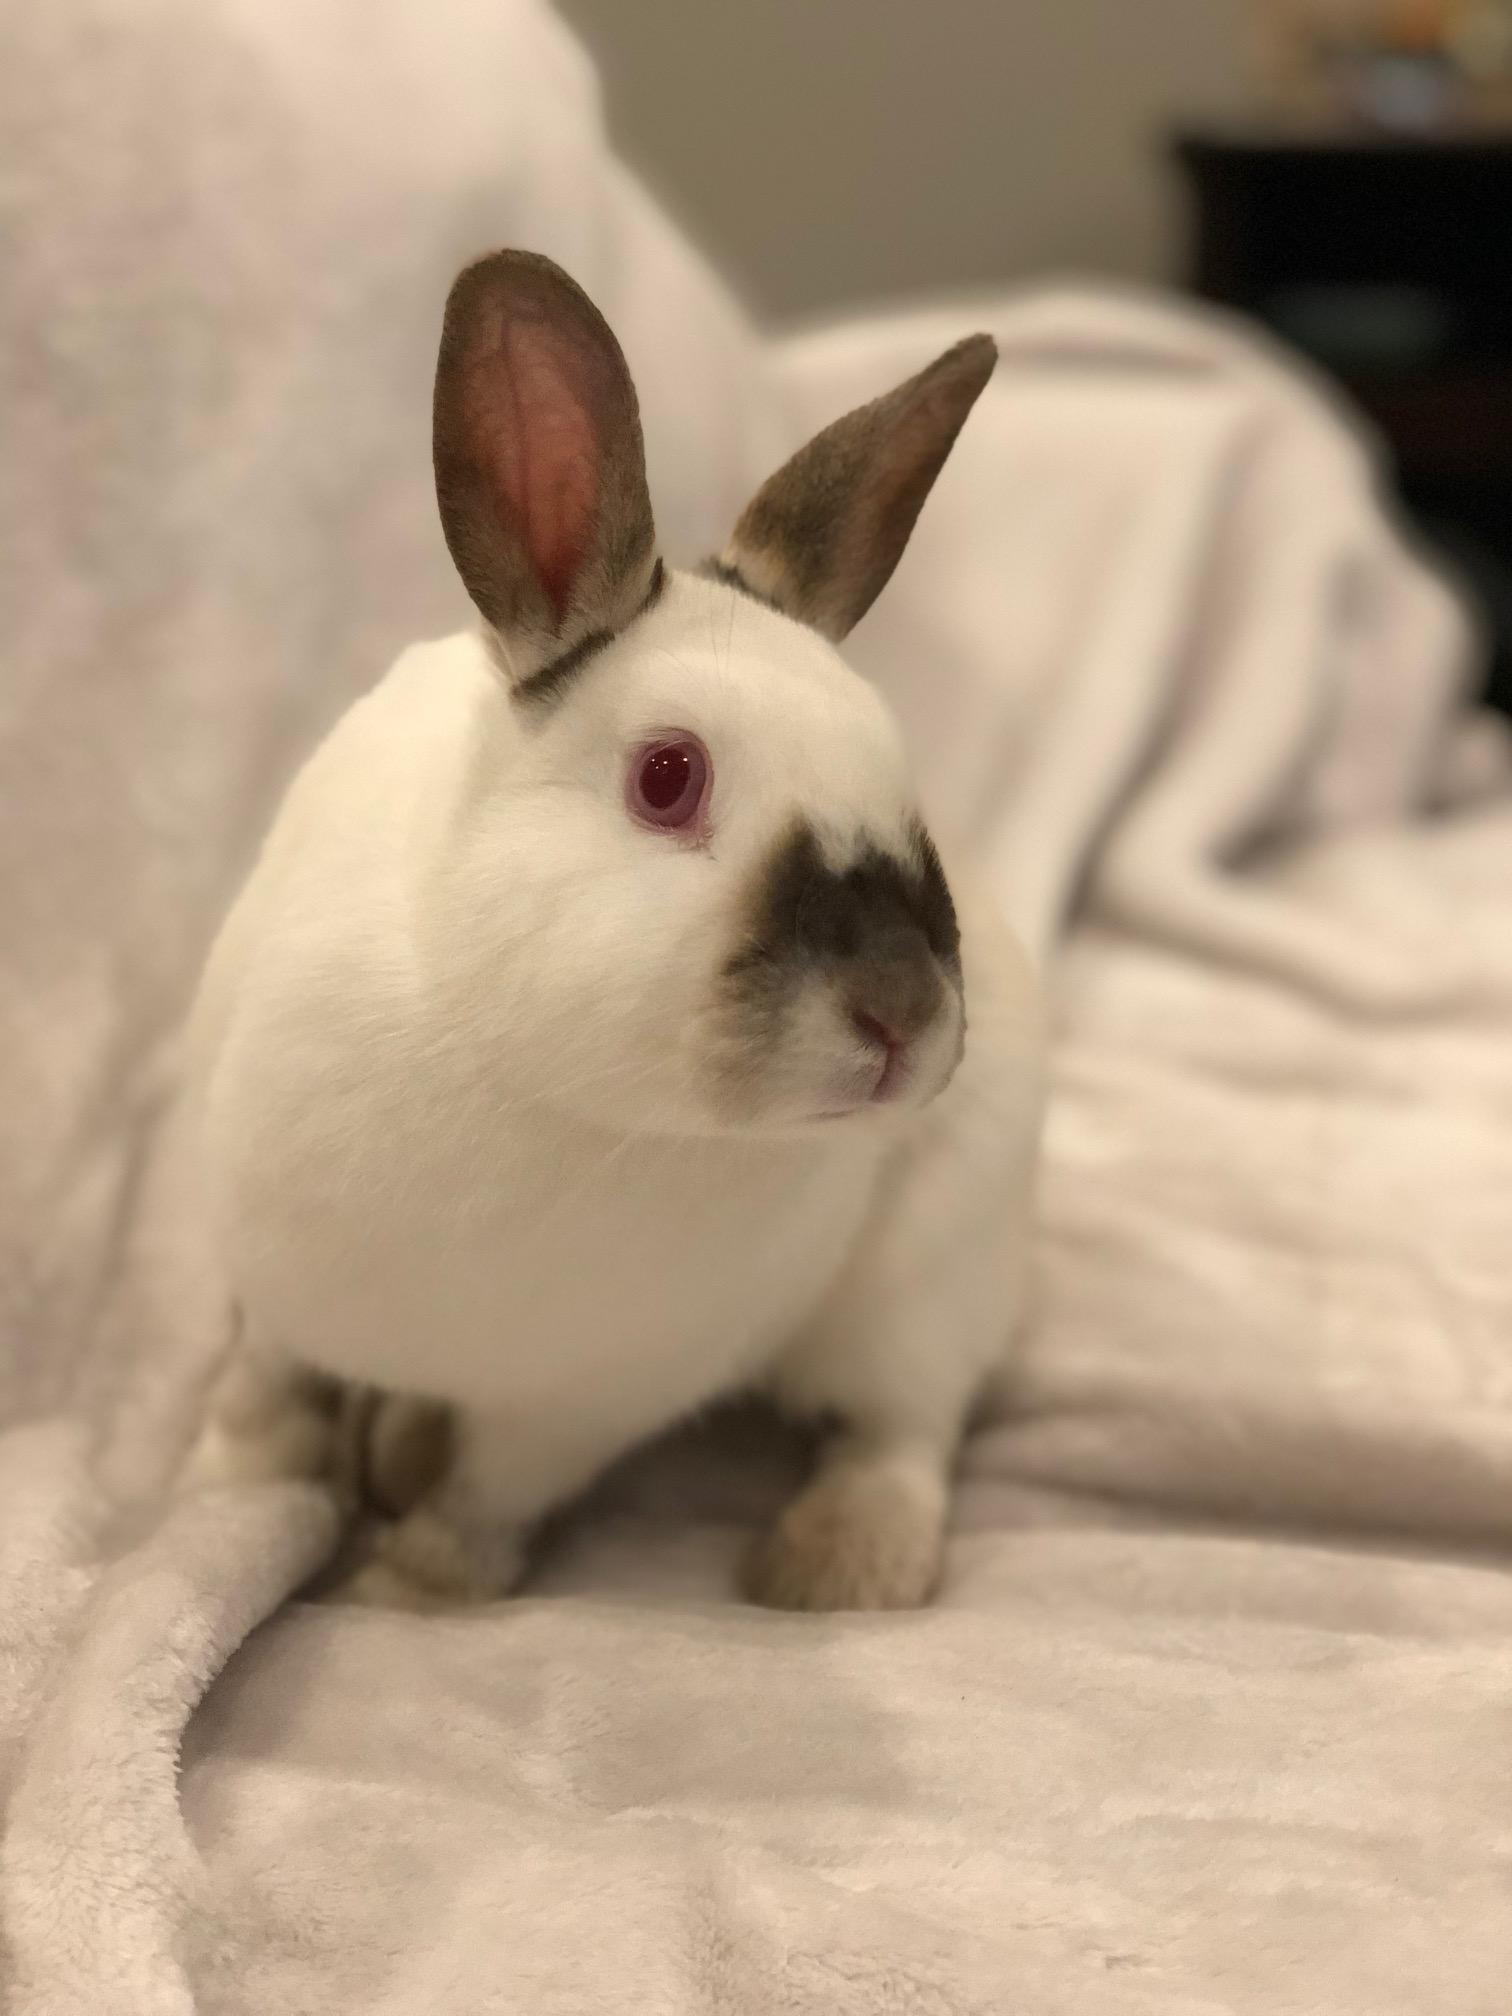 Hazlenut & Molly [Bonded Rabbits]